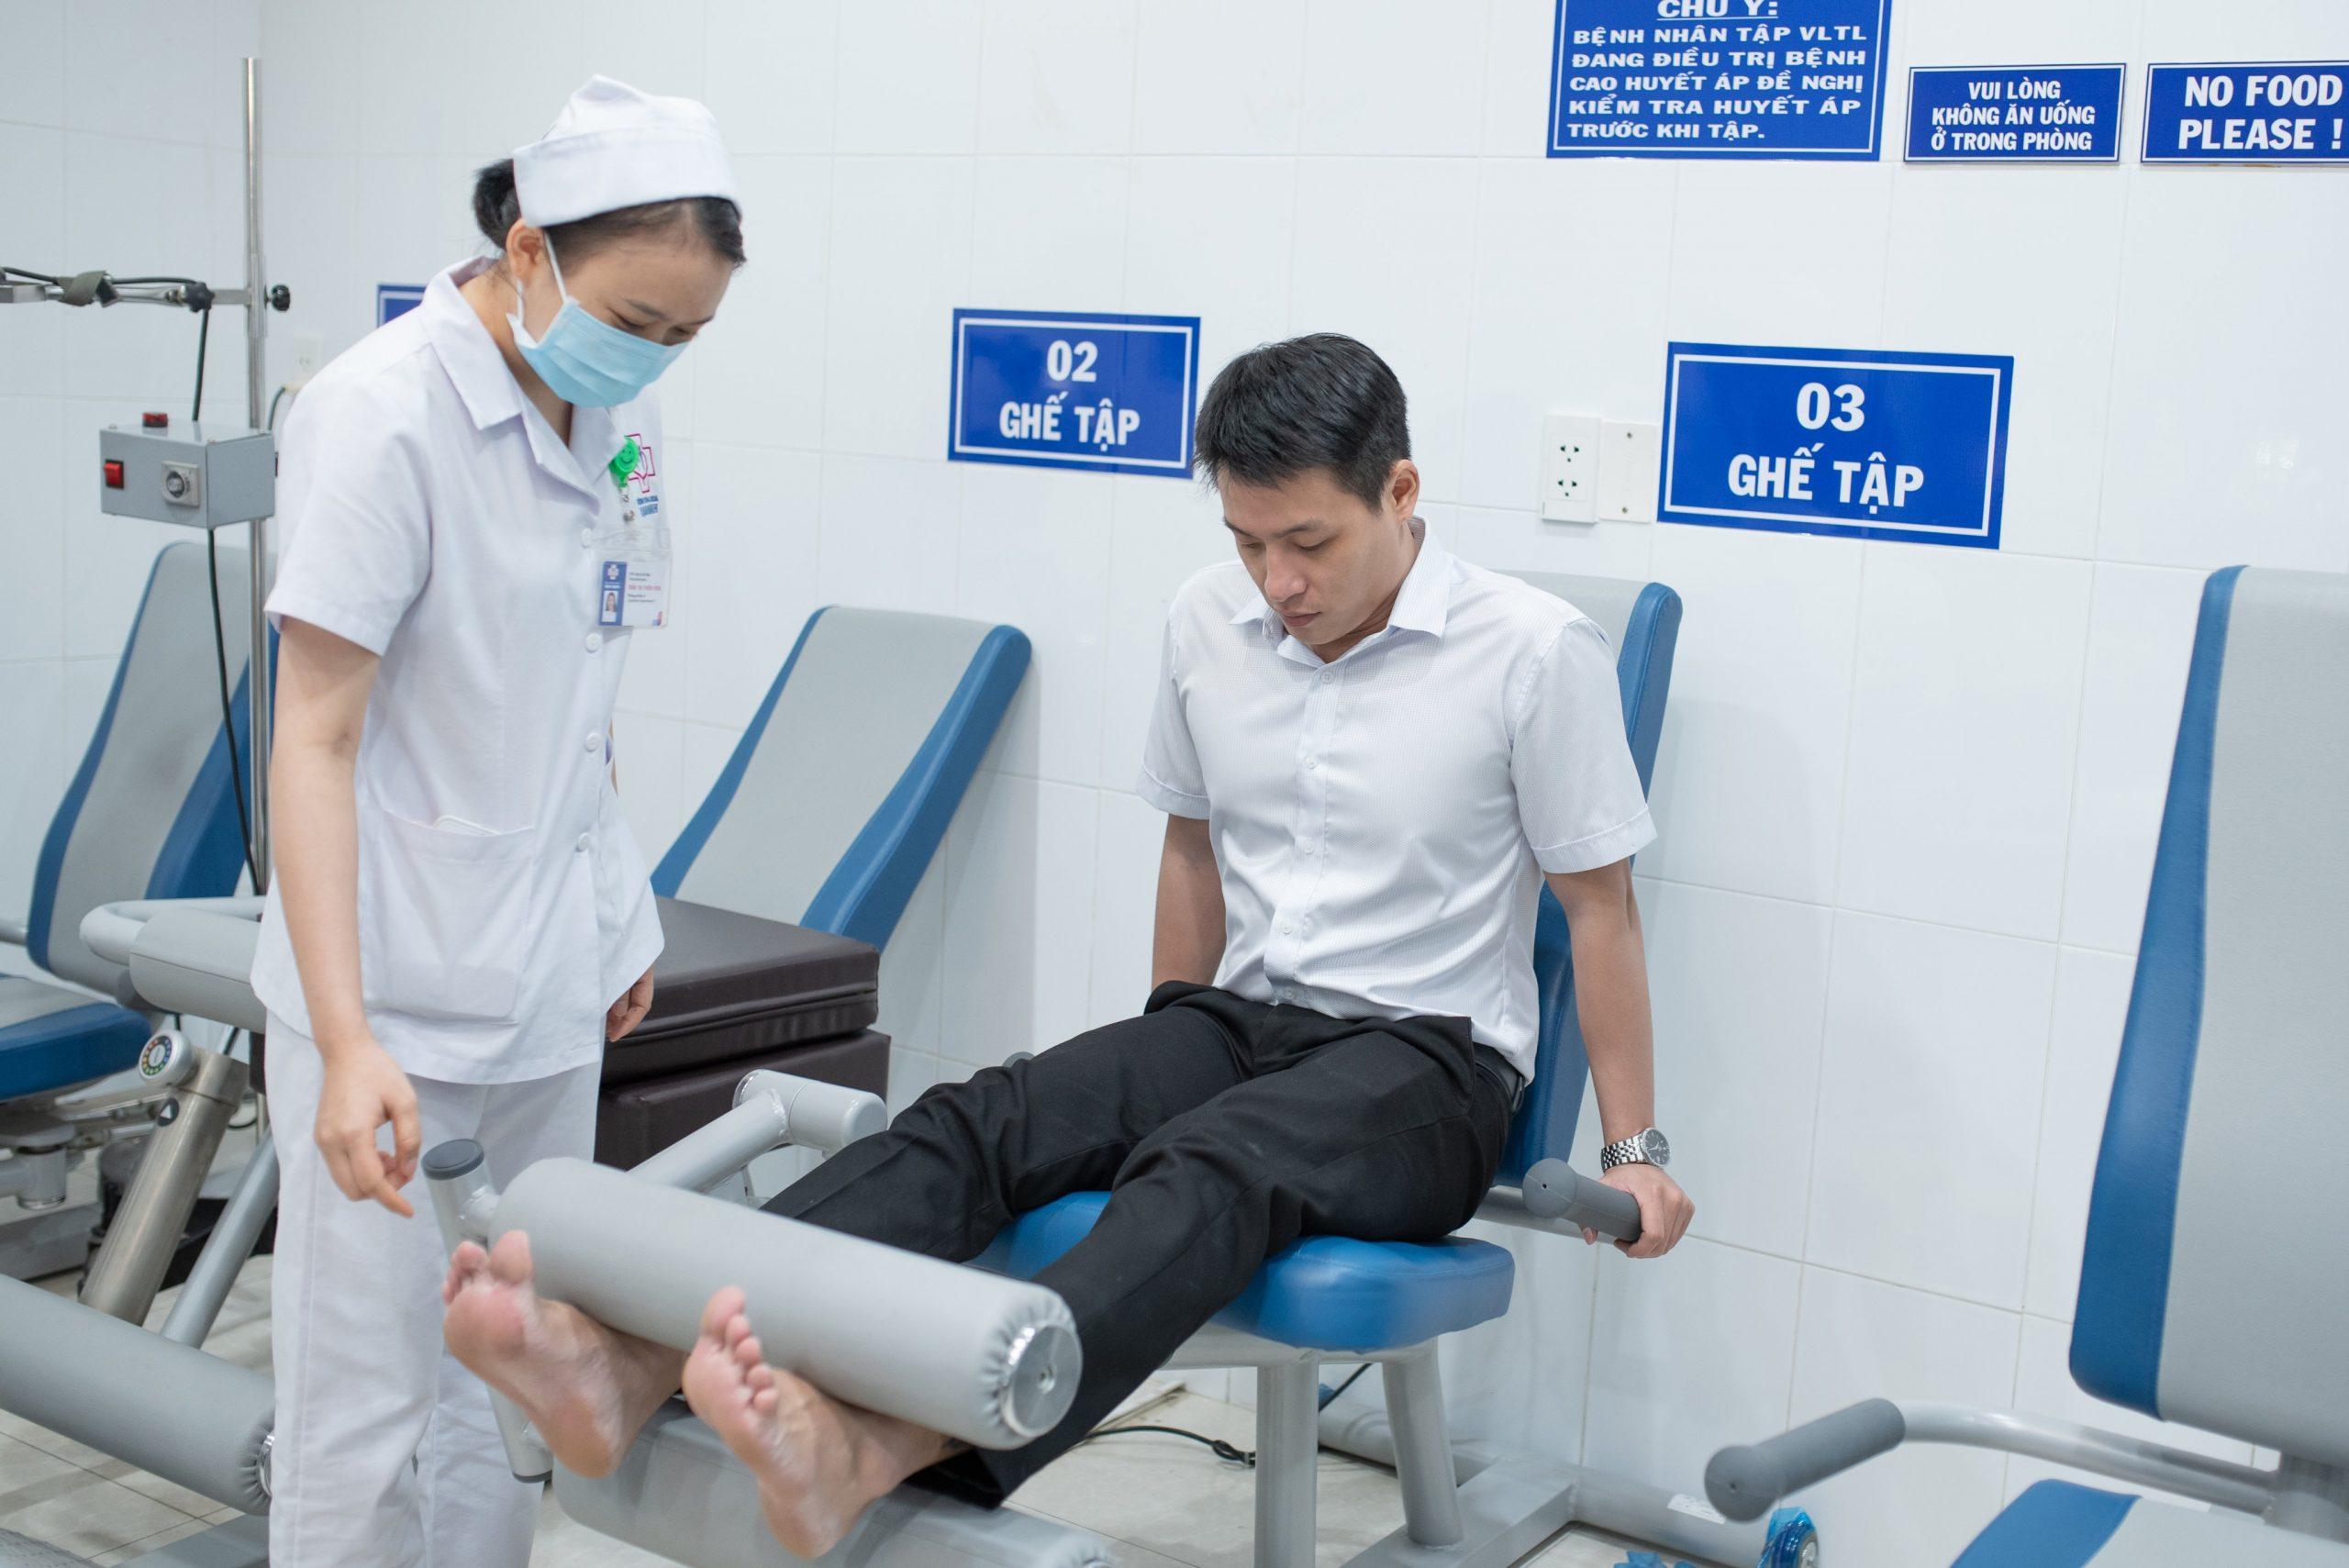 Vật lý trị liệu thái hóa khớp tại bệnh viện Vạn Hạnh